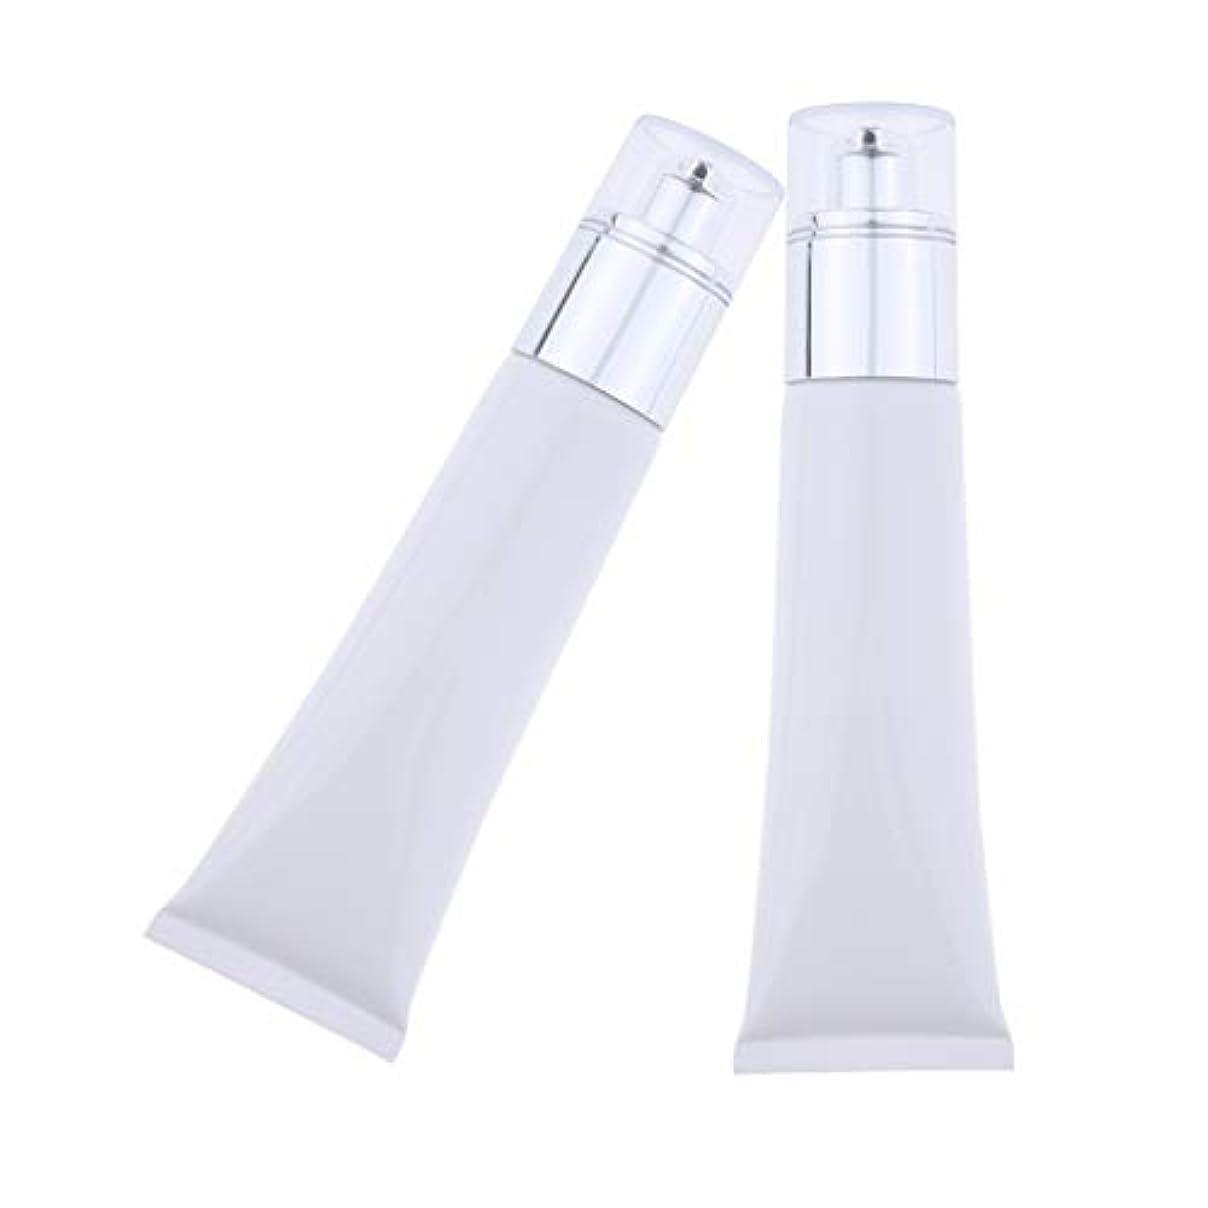 バイソン意志超音速Hellery 空のチューブ ポンプボトル 50ミリリットル 小分け容器 持ち運び用 携帯 コスメ 全3色 - 白